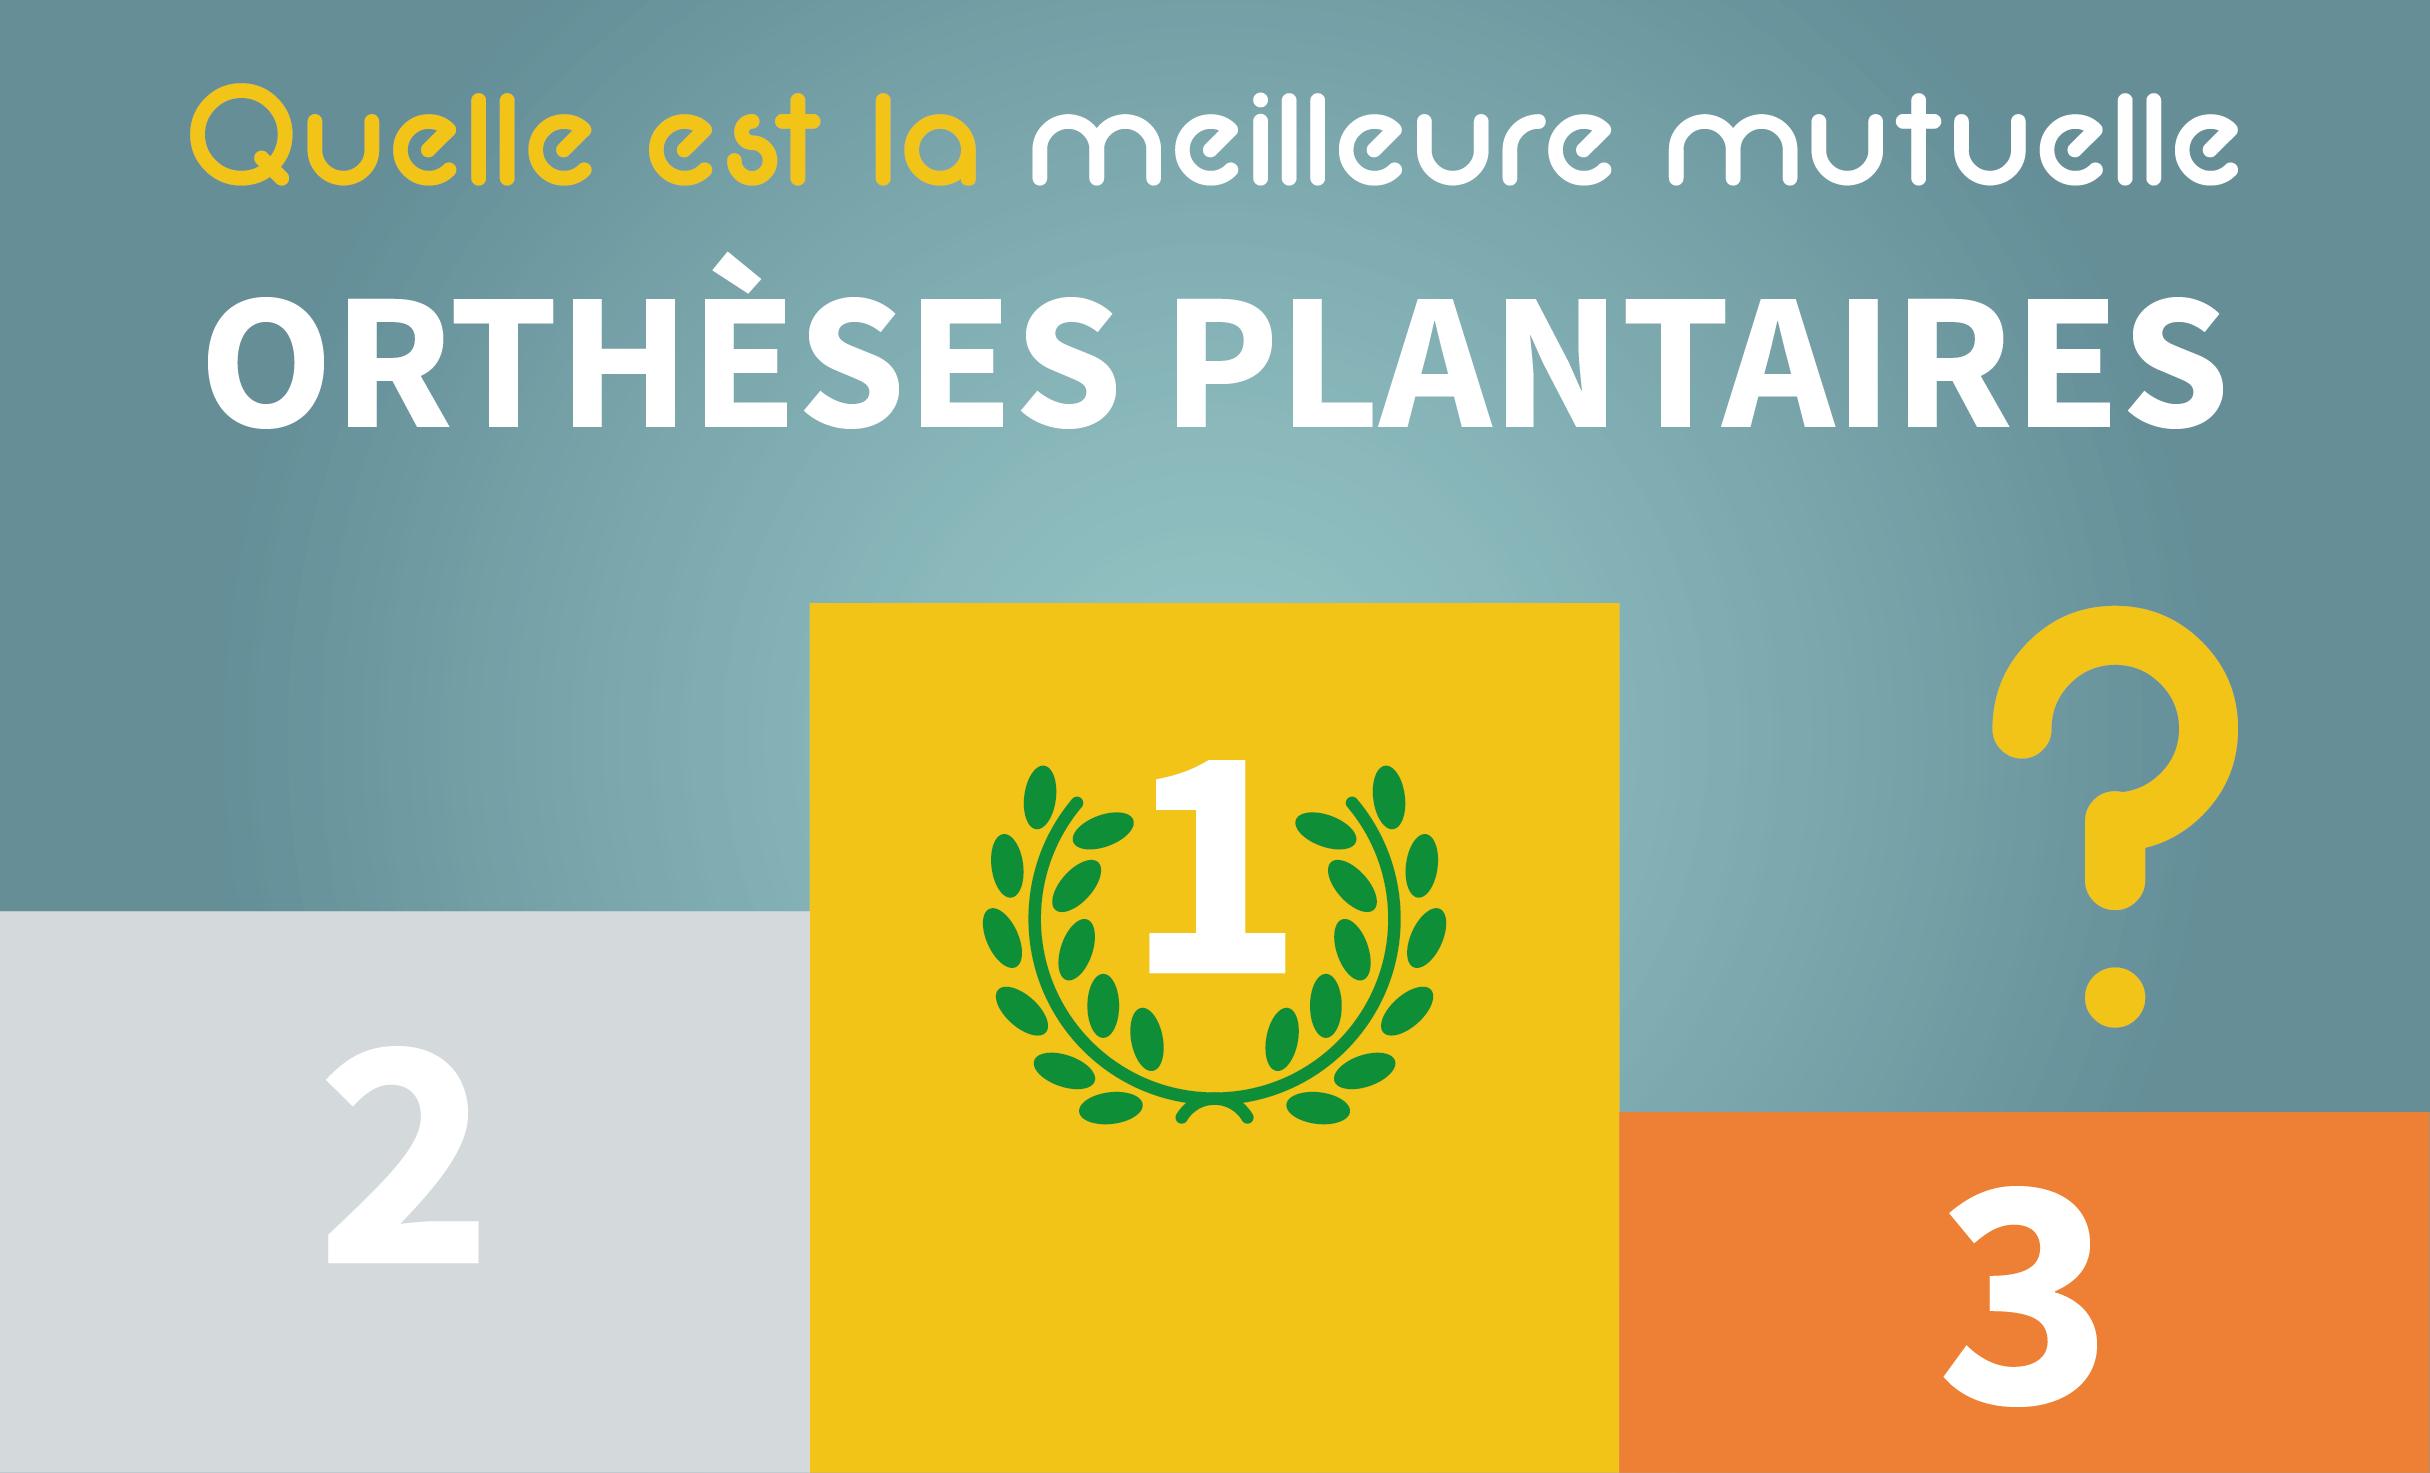 Faites votre propre classement des meilleures mutuelles pour les orthèses plantaires